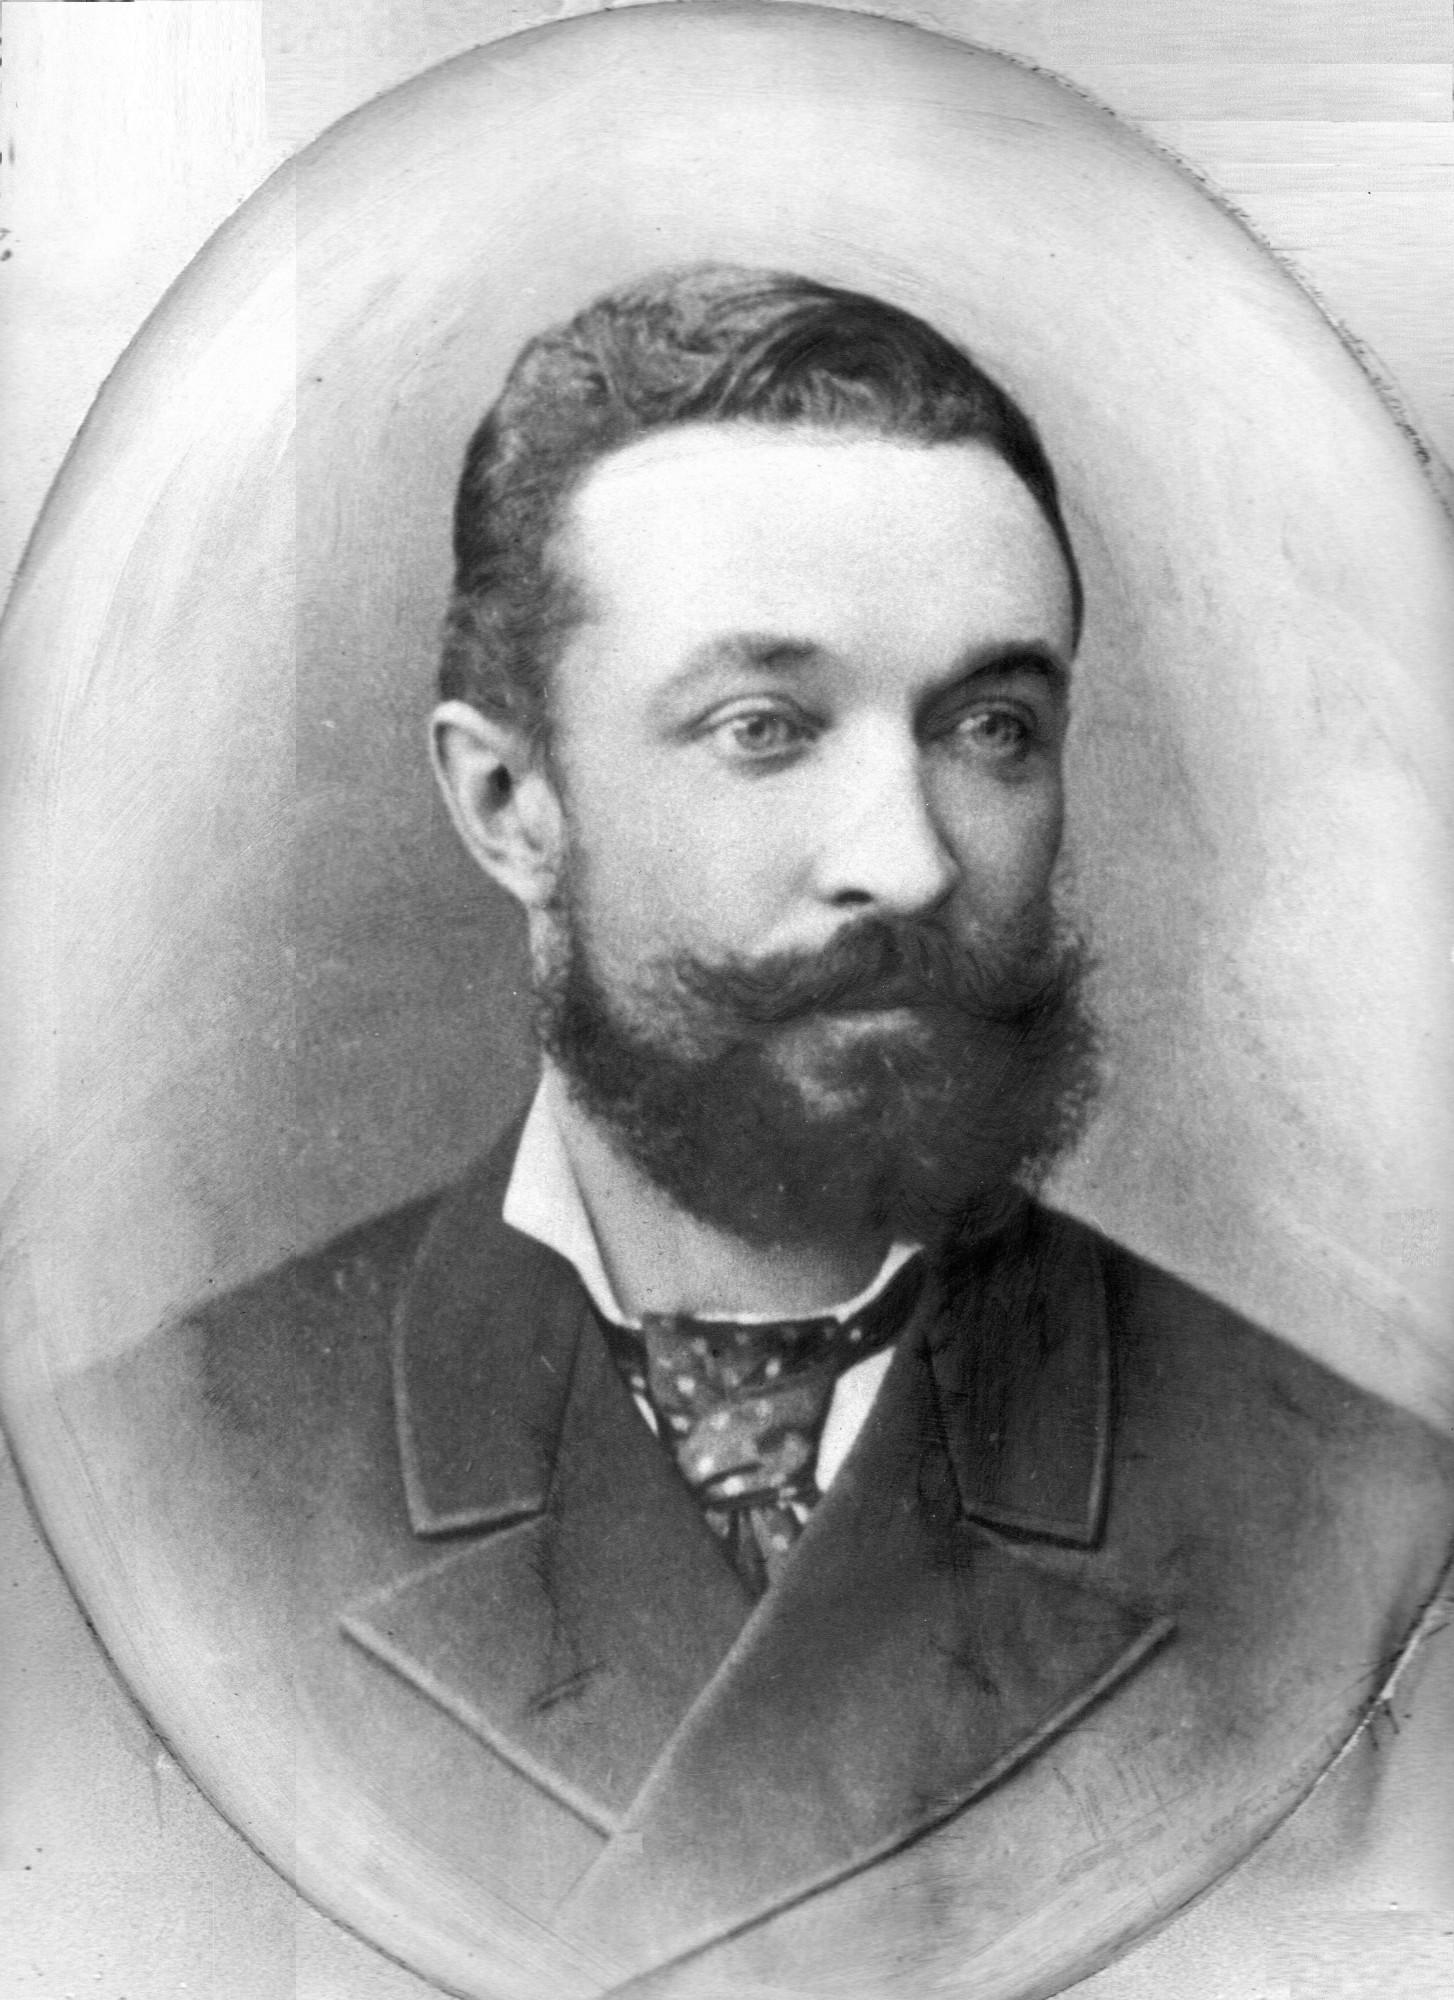 Пётр Константинович Ротаст (1851-1905), отец Георгия Петровича и Антонины Петровна. Фото 1880-х г.г.